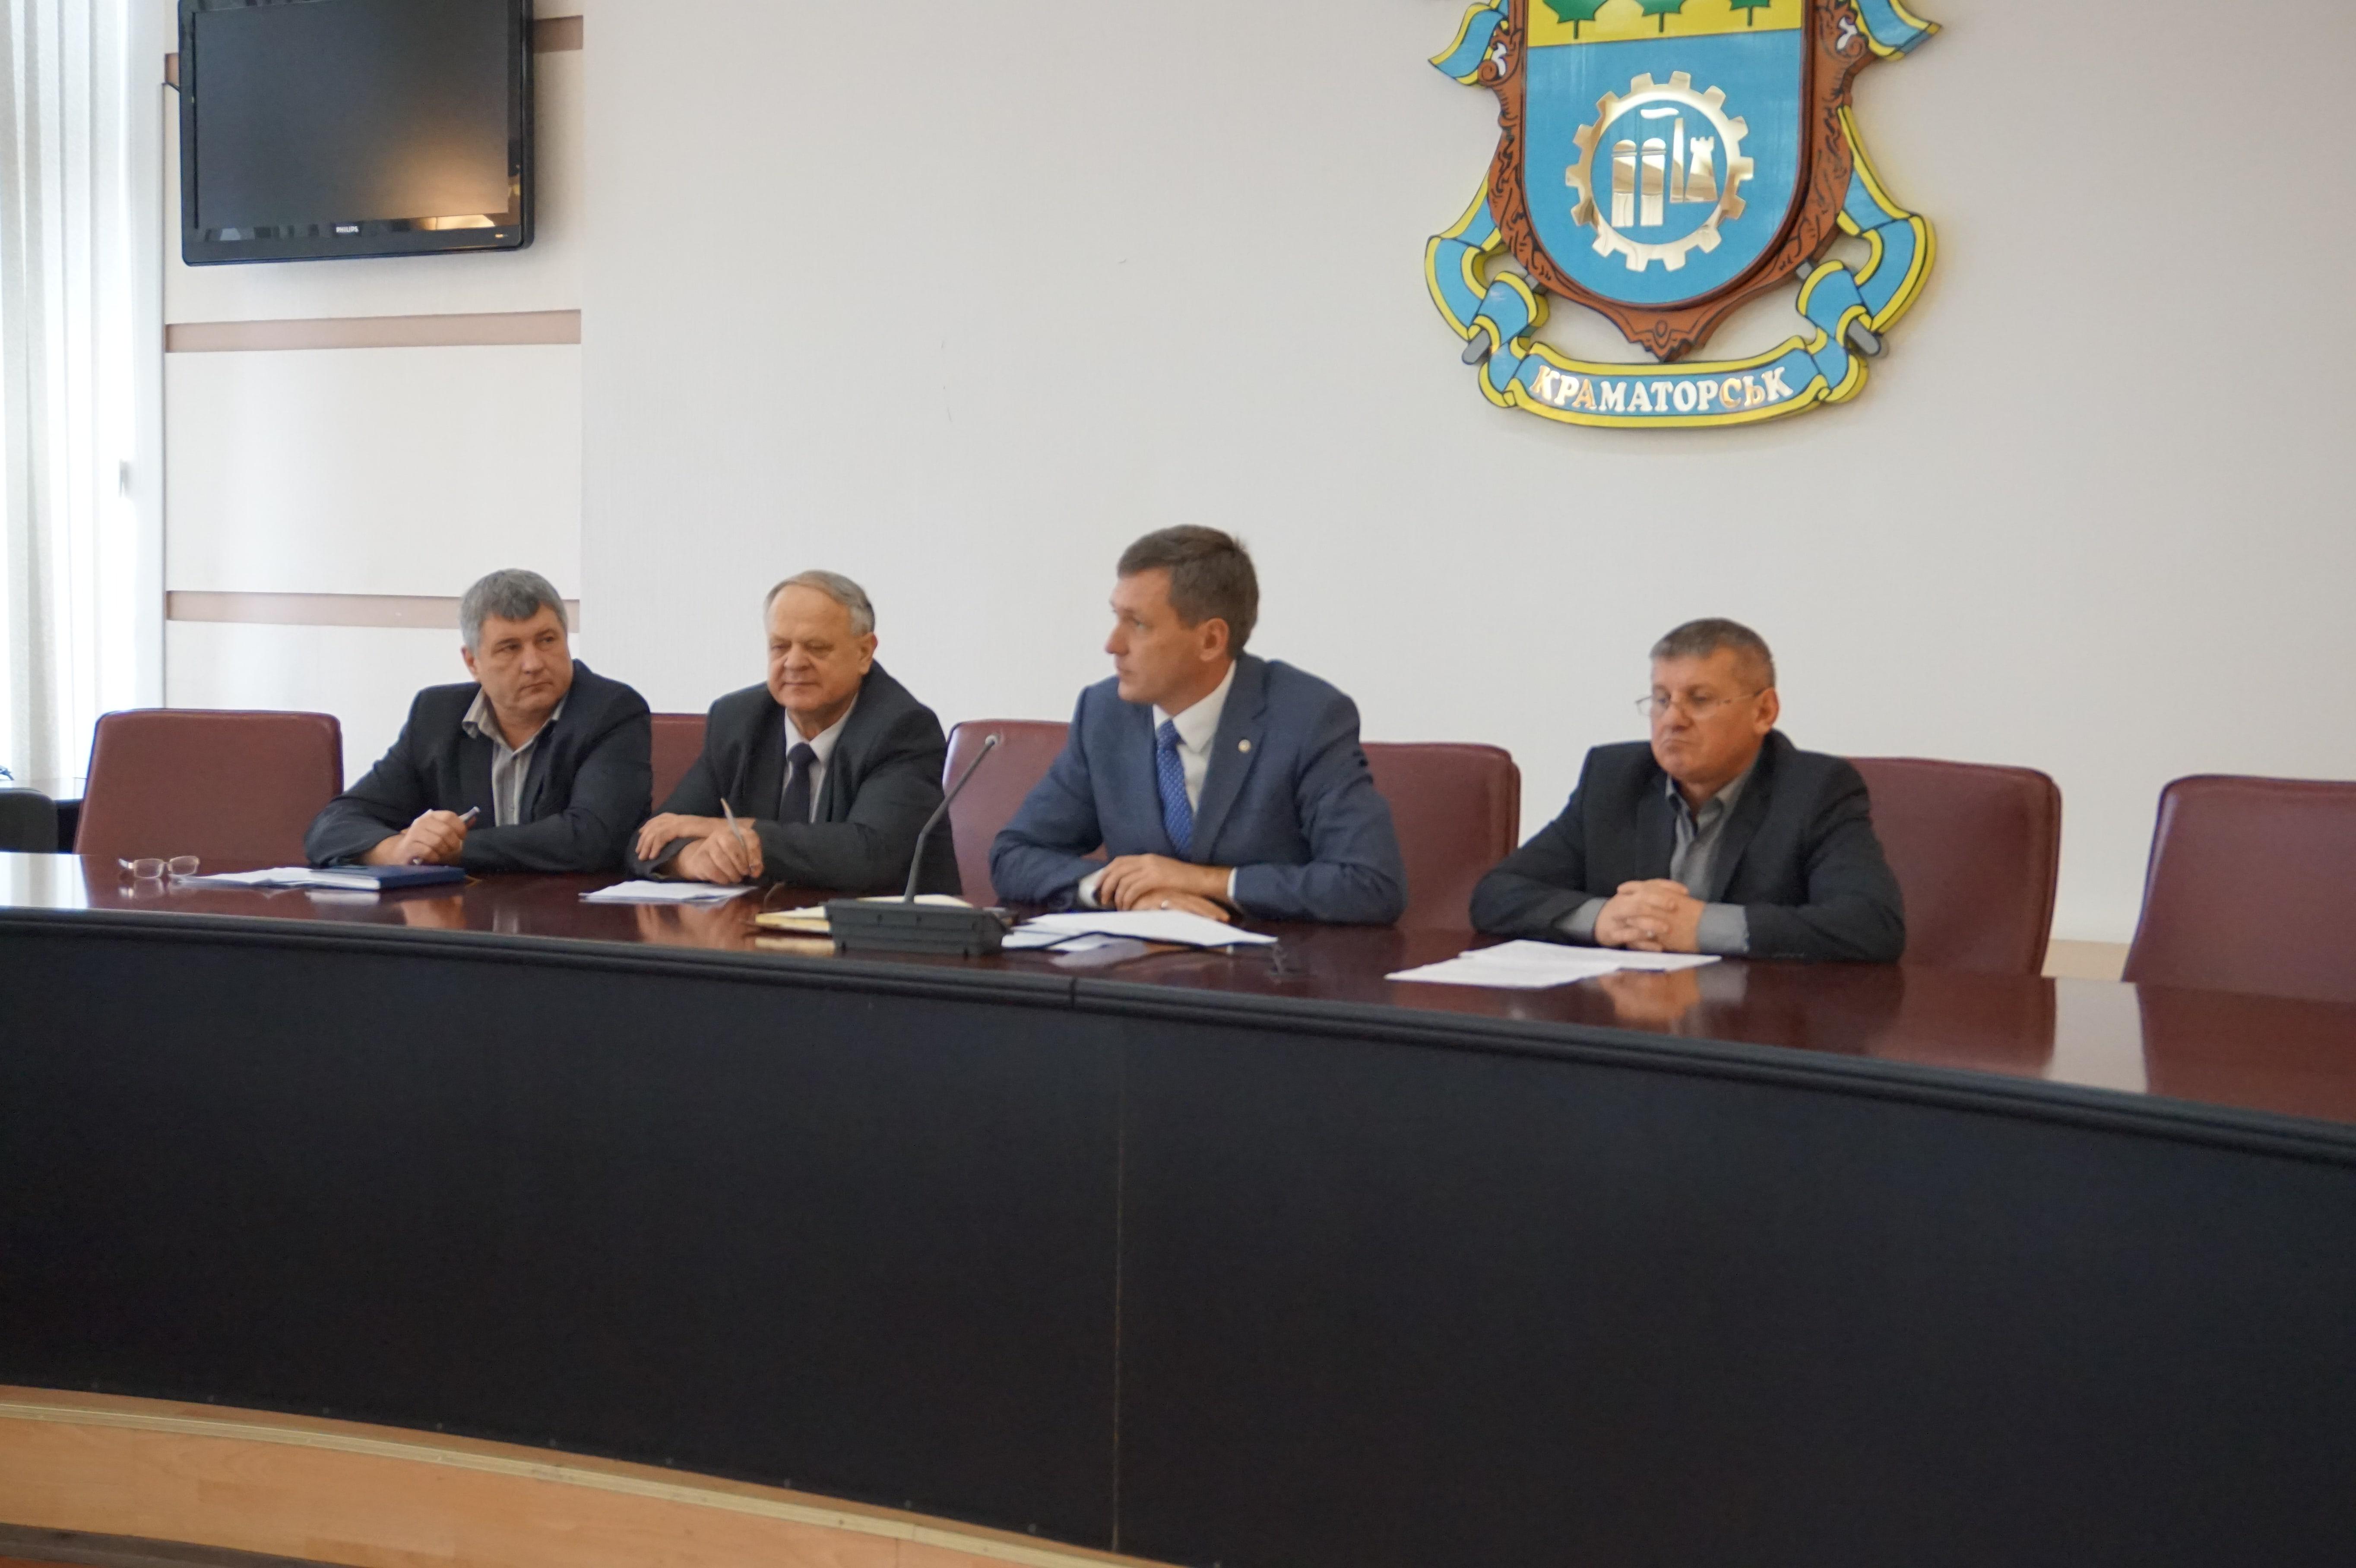 4 жовтня було проведено засідання Державної надзвичайної протиепізоотичної комісії при облдержадміністрації